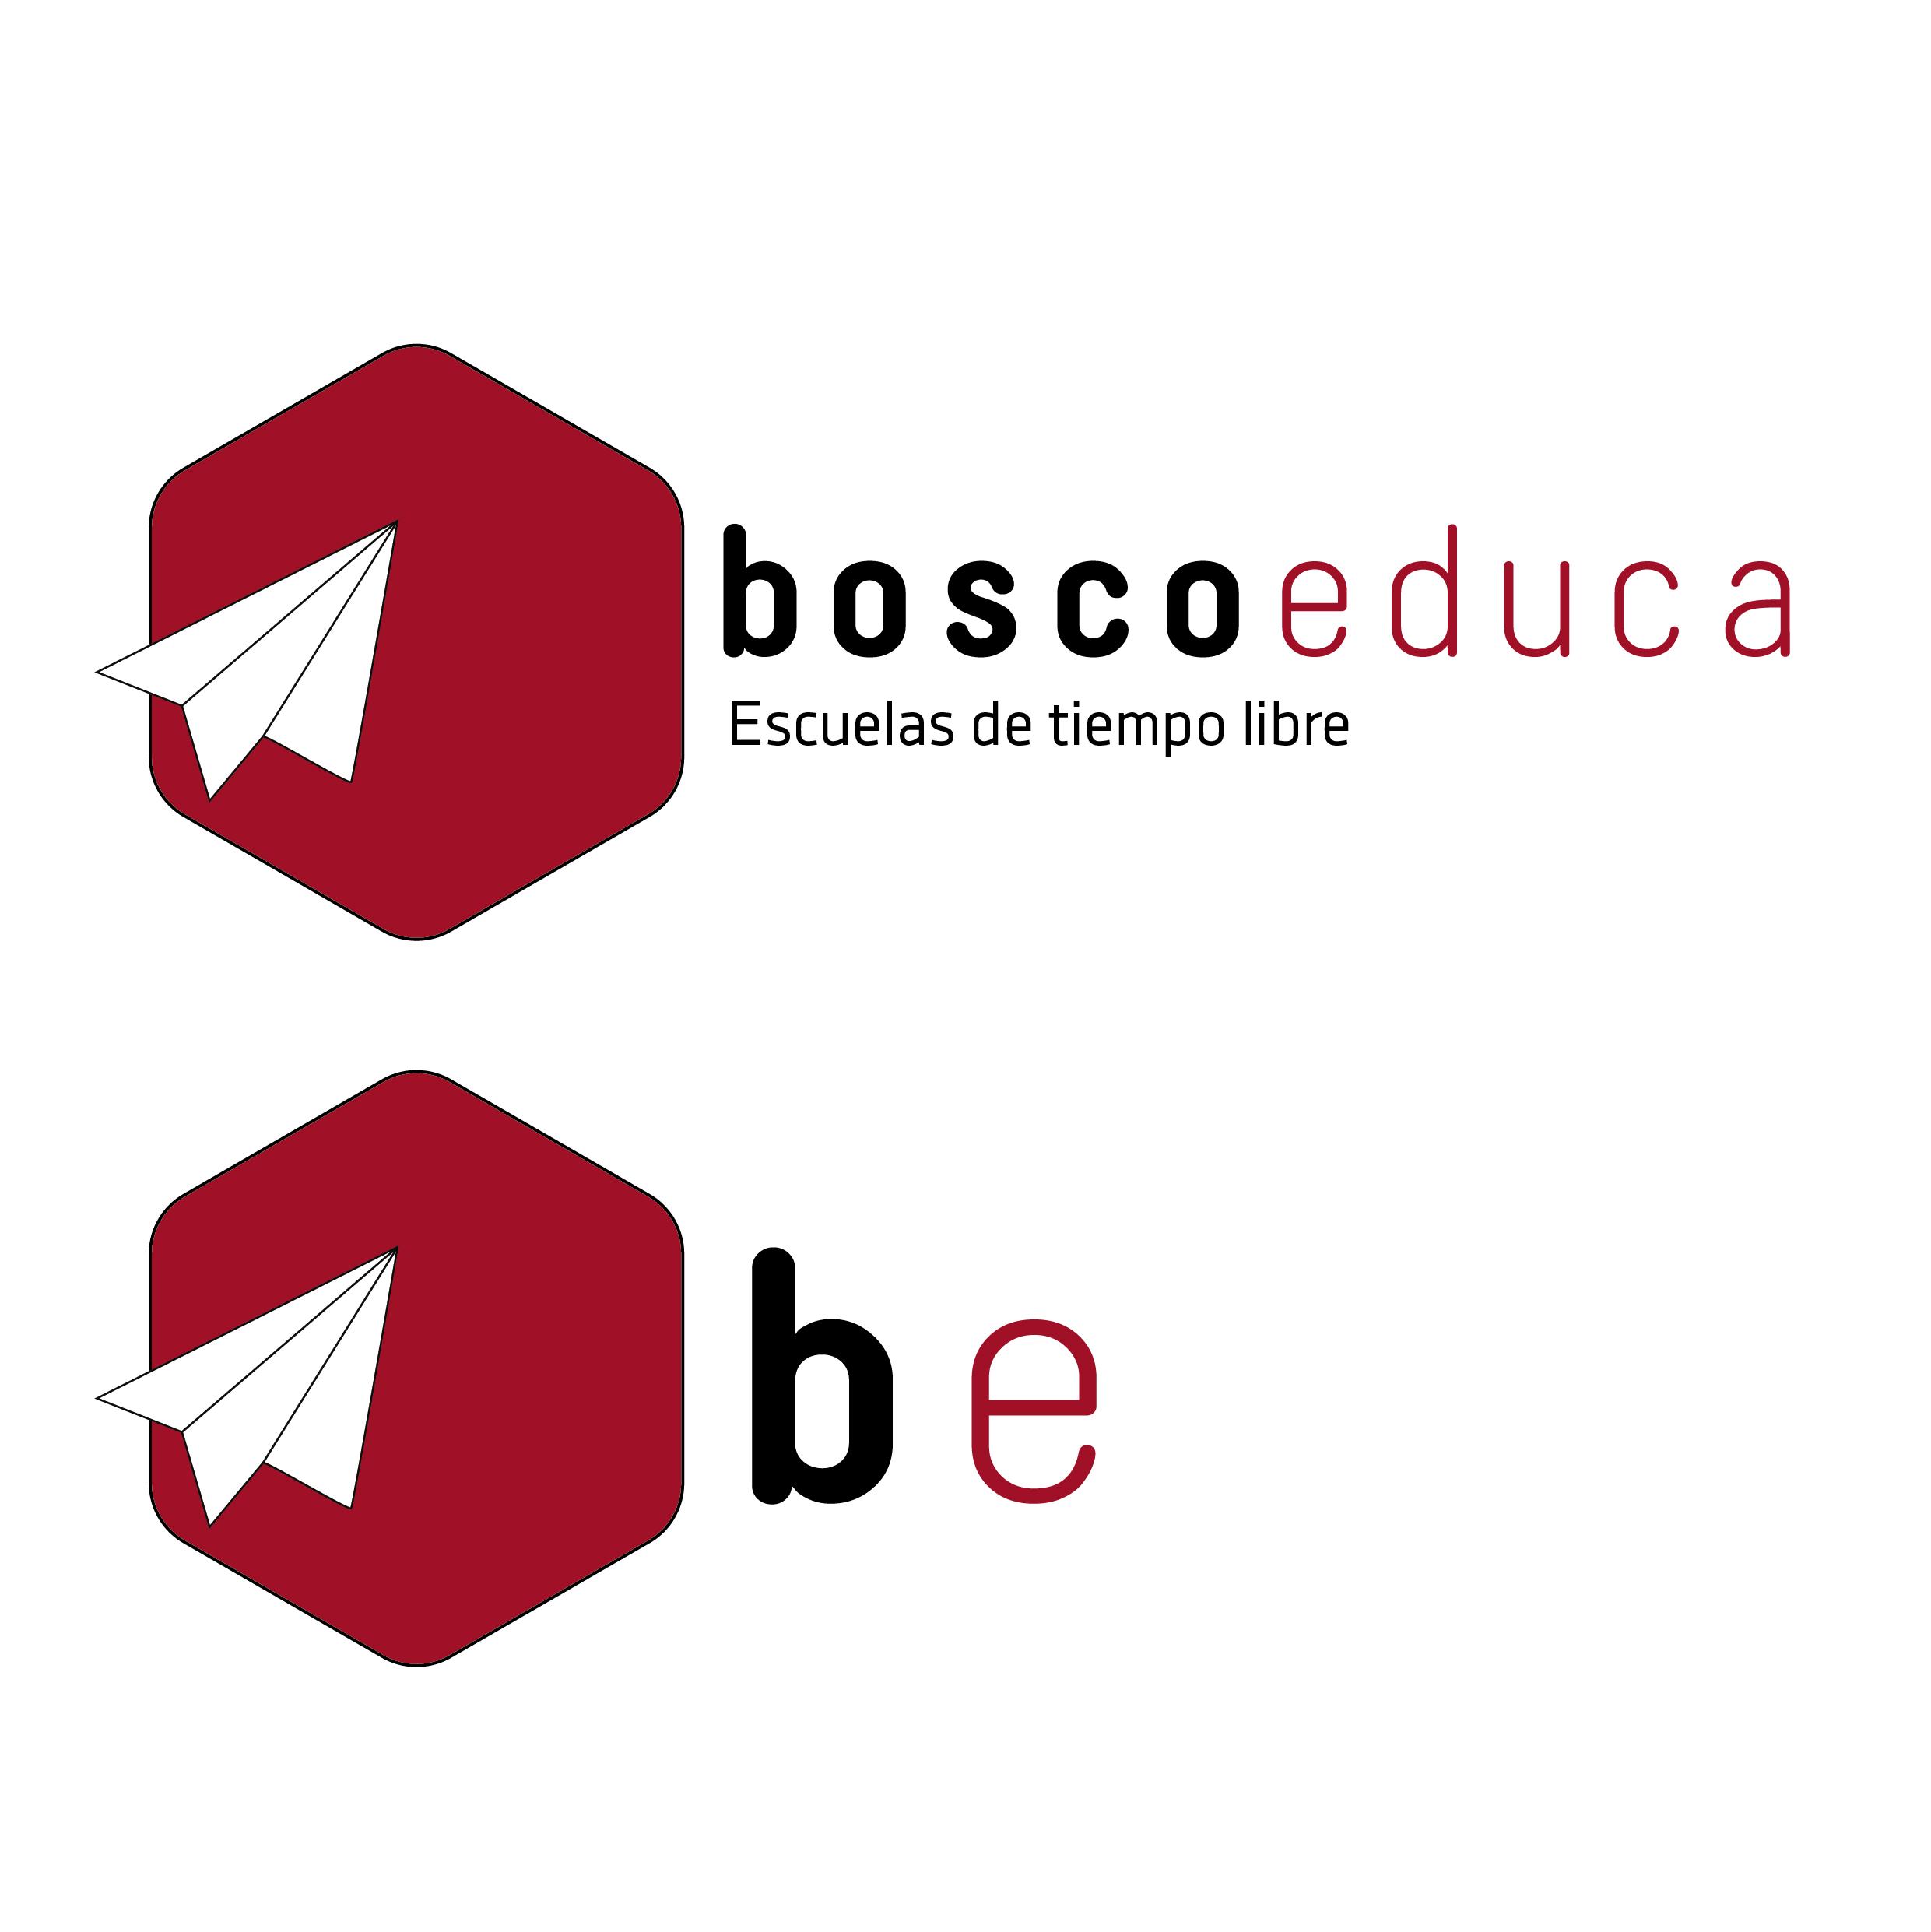 opción 3B_boscoeduca Plano.jpg